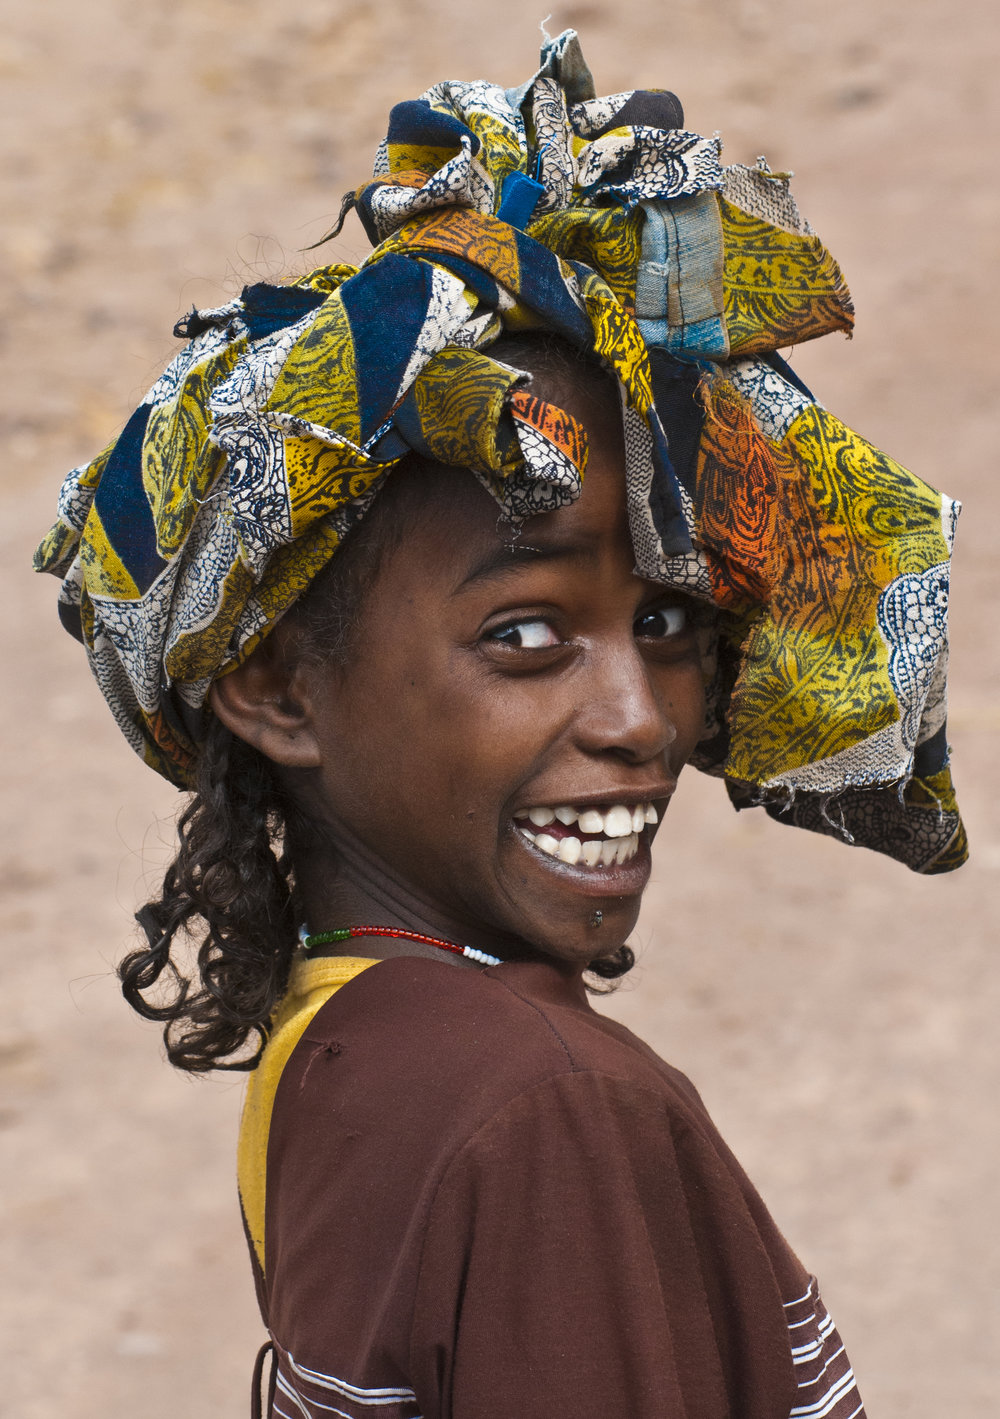 ETH_Oromo_Adama_Oct10_3526_127.jpg